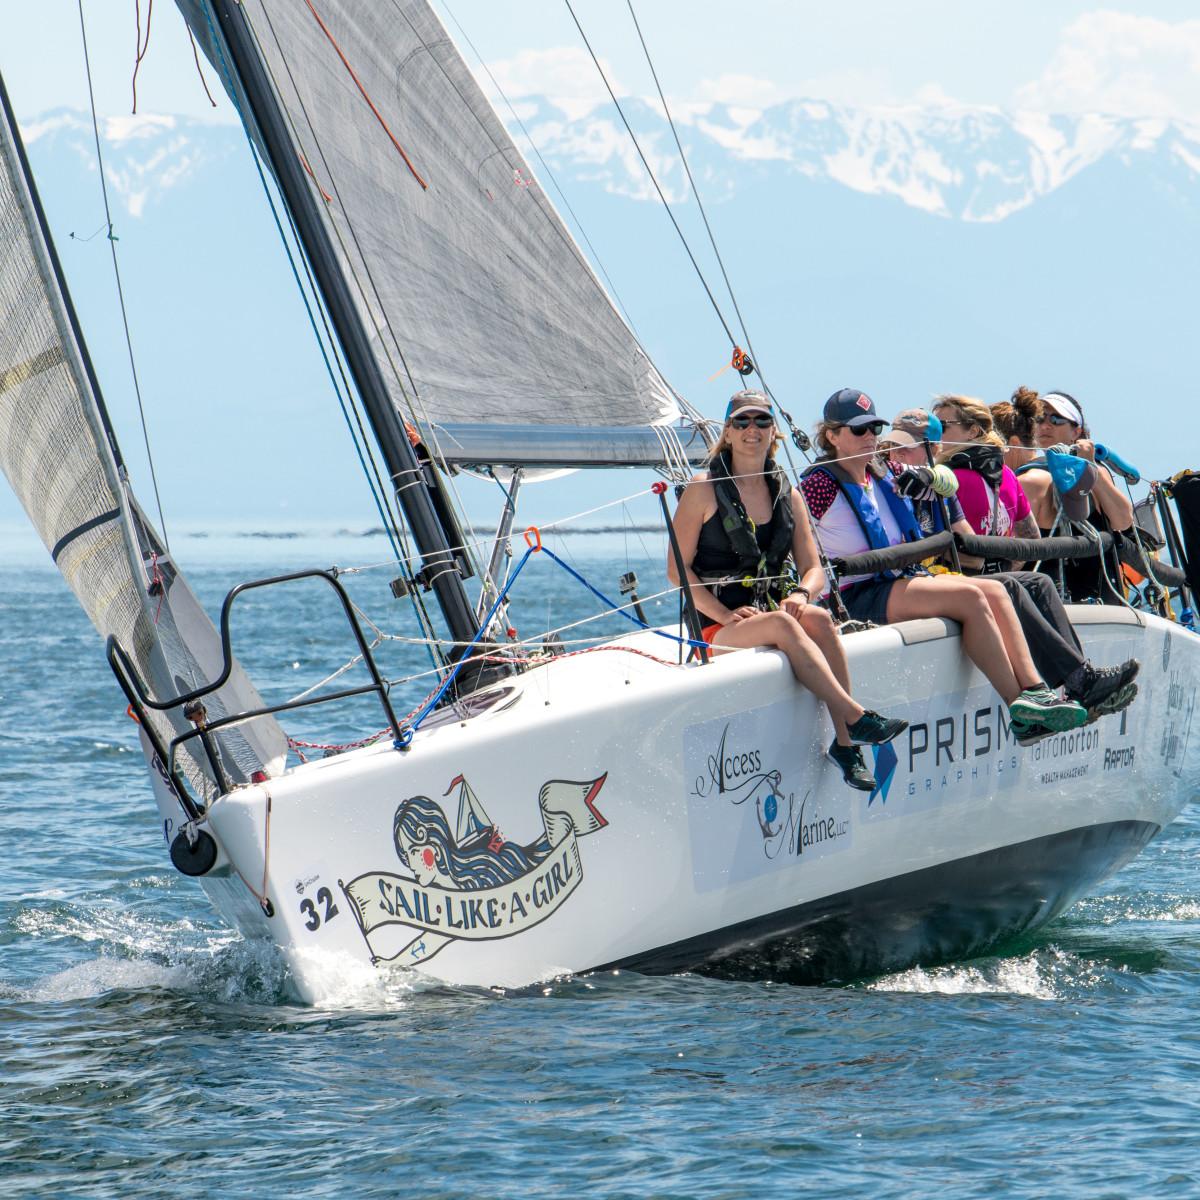 Team Sail Like A Girl on their Melges 32.